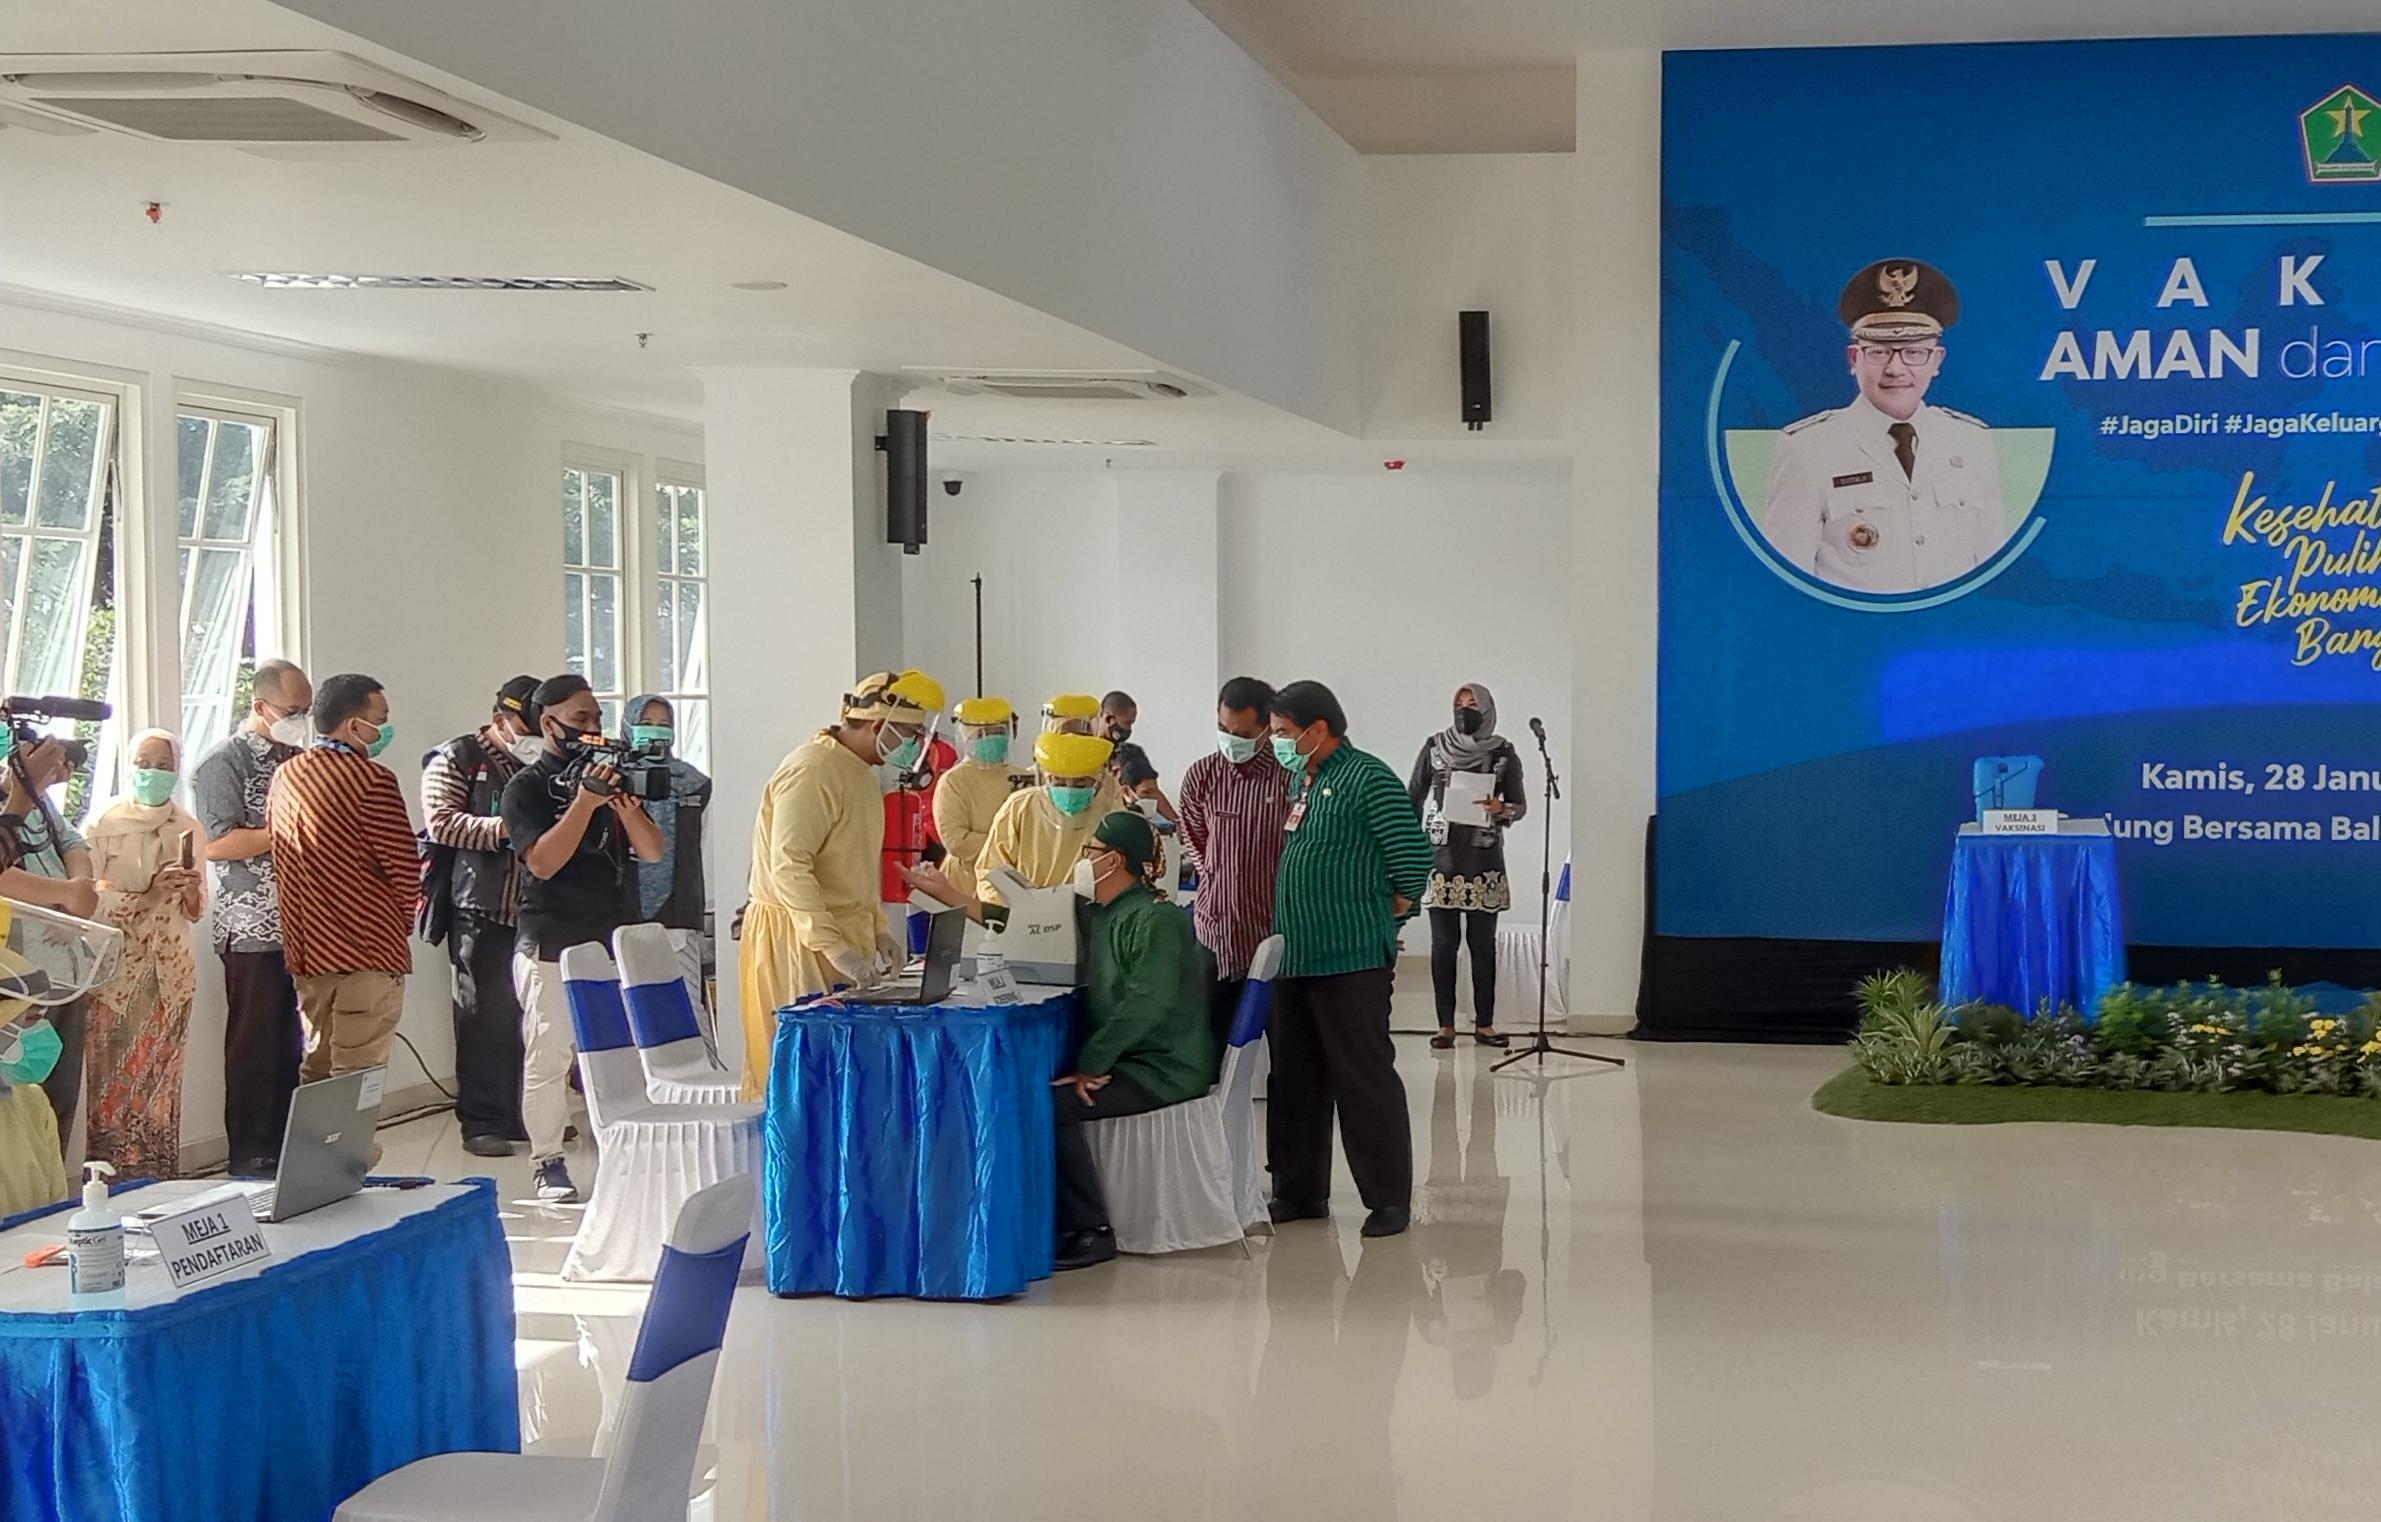 Wali Kota Malang Sutiaji memantau persiapan pelaksanaan vaksinasi Covid-19 pertama kepada 12 tokoh publik di Kota Malang. (Foto: Fen/Tugu Jatim)